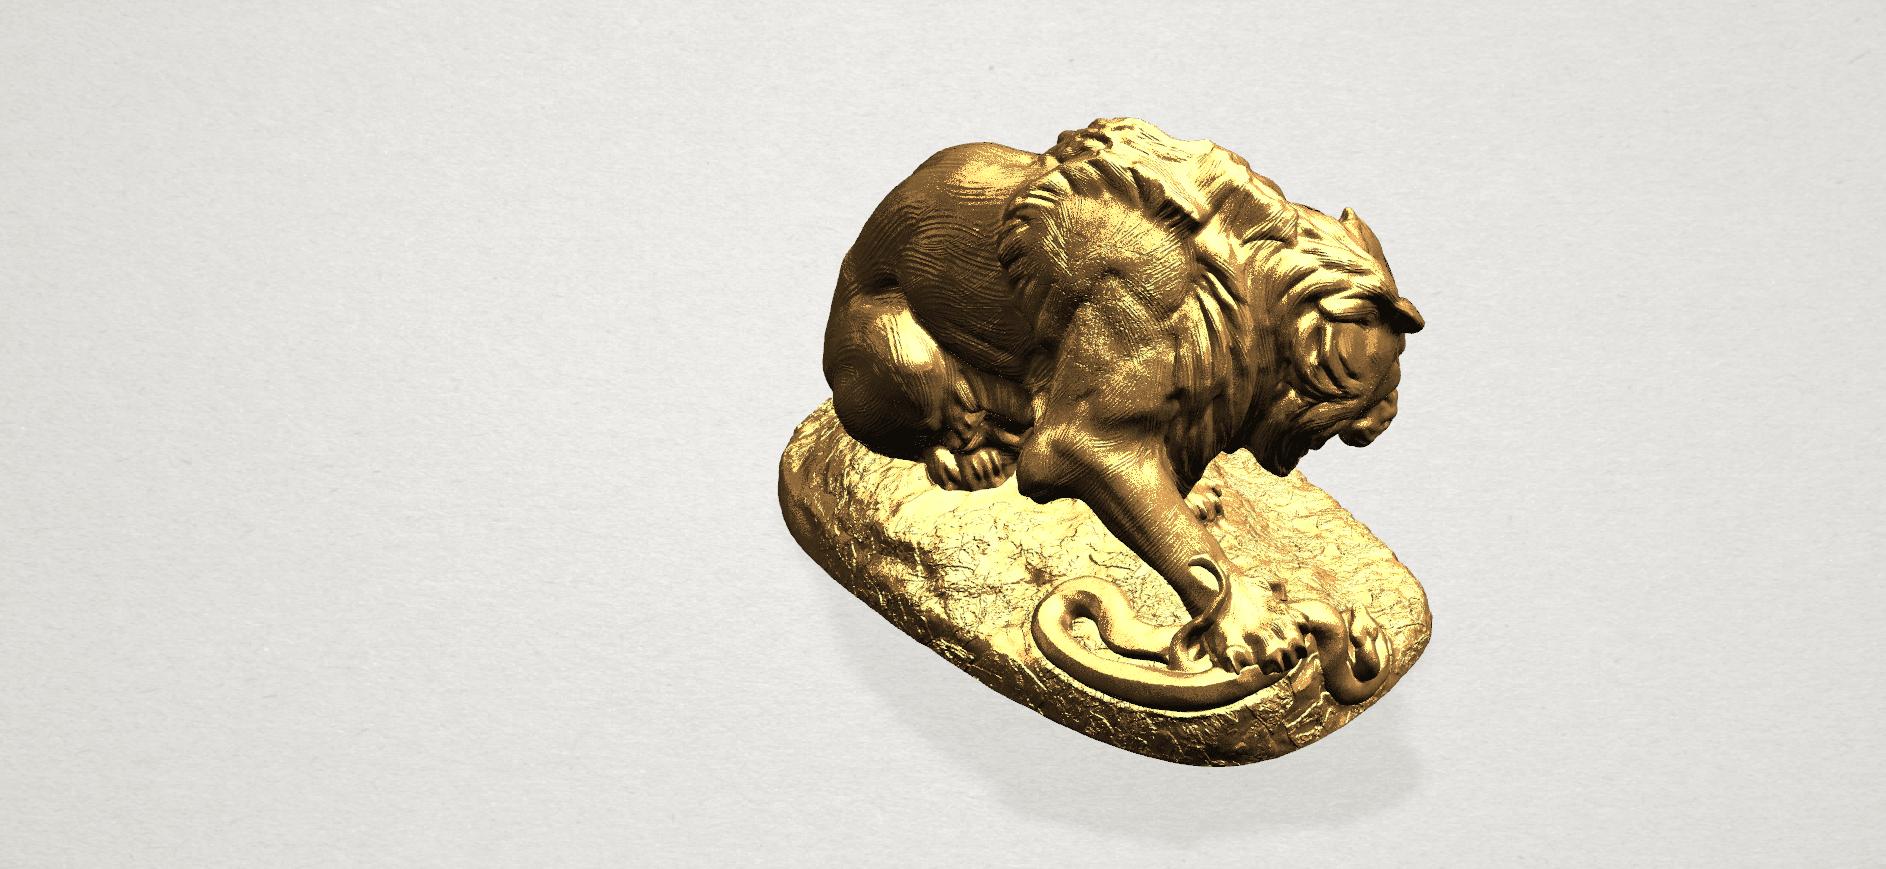 Lion (iii) - with snake A08.png Télécharger fichier STL gratuit Lion 03 - avec serpent • Modèle imprimable en 3D, GeorgesNikkei